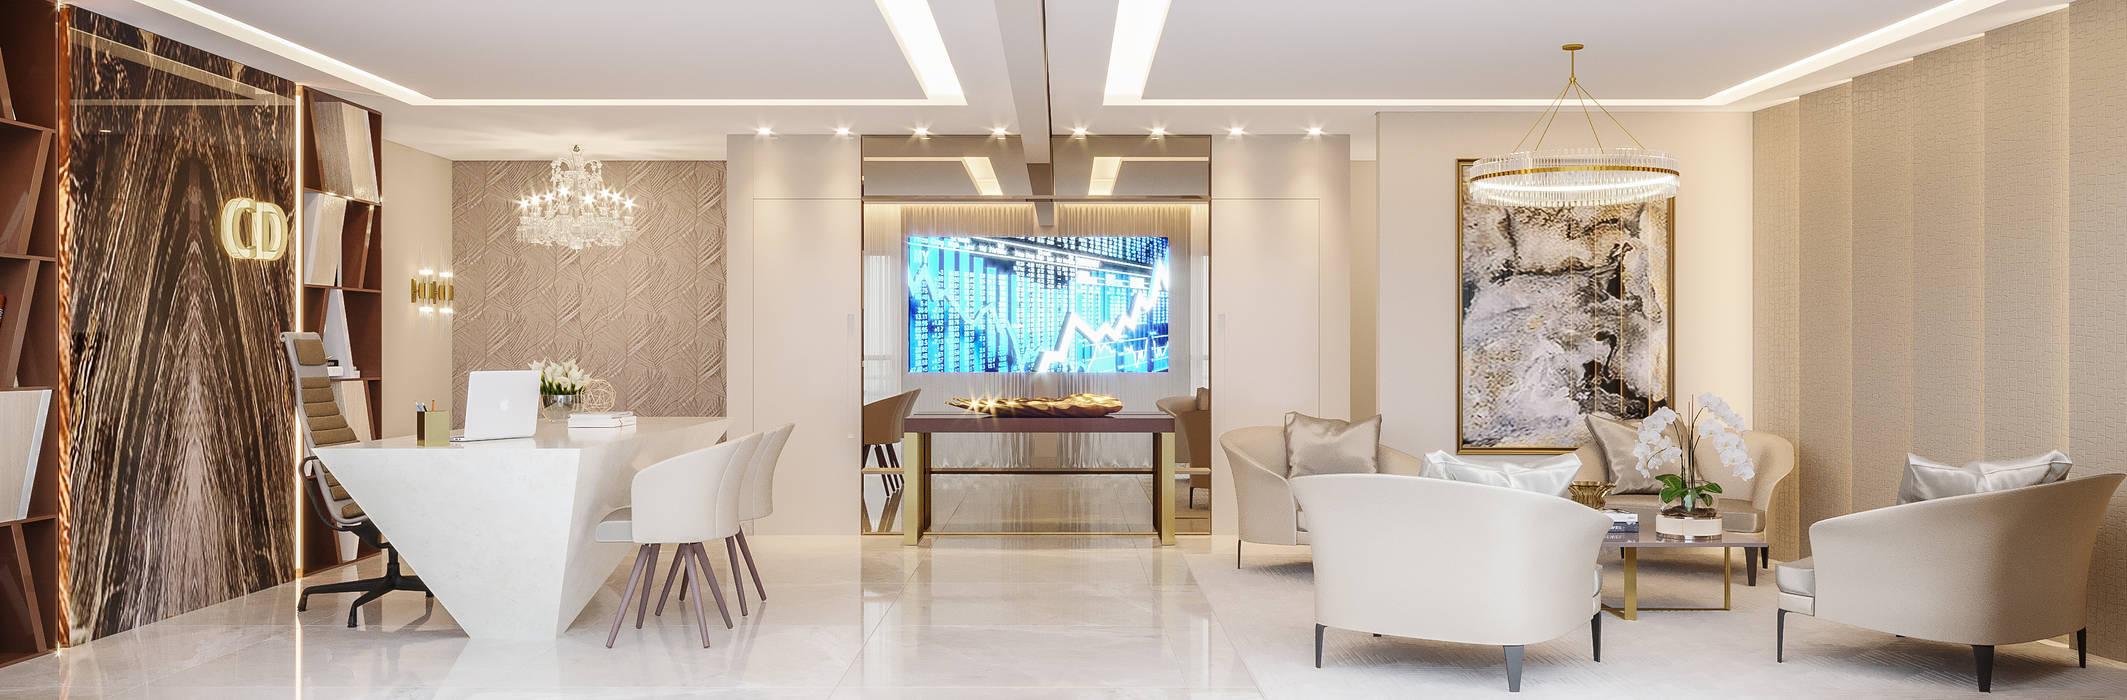 Camila Pimenta | Arquitetura + Interiores Commercial Spaces Marble Beige